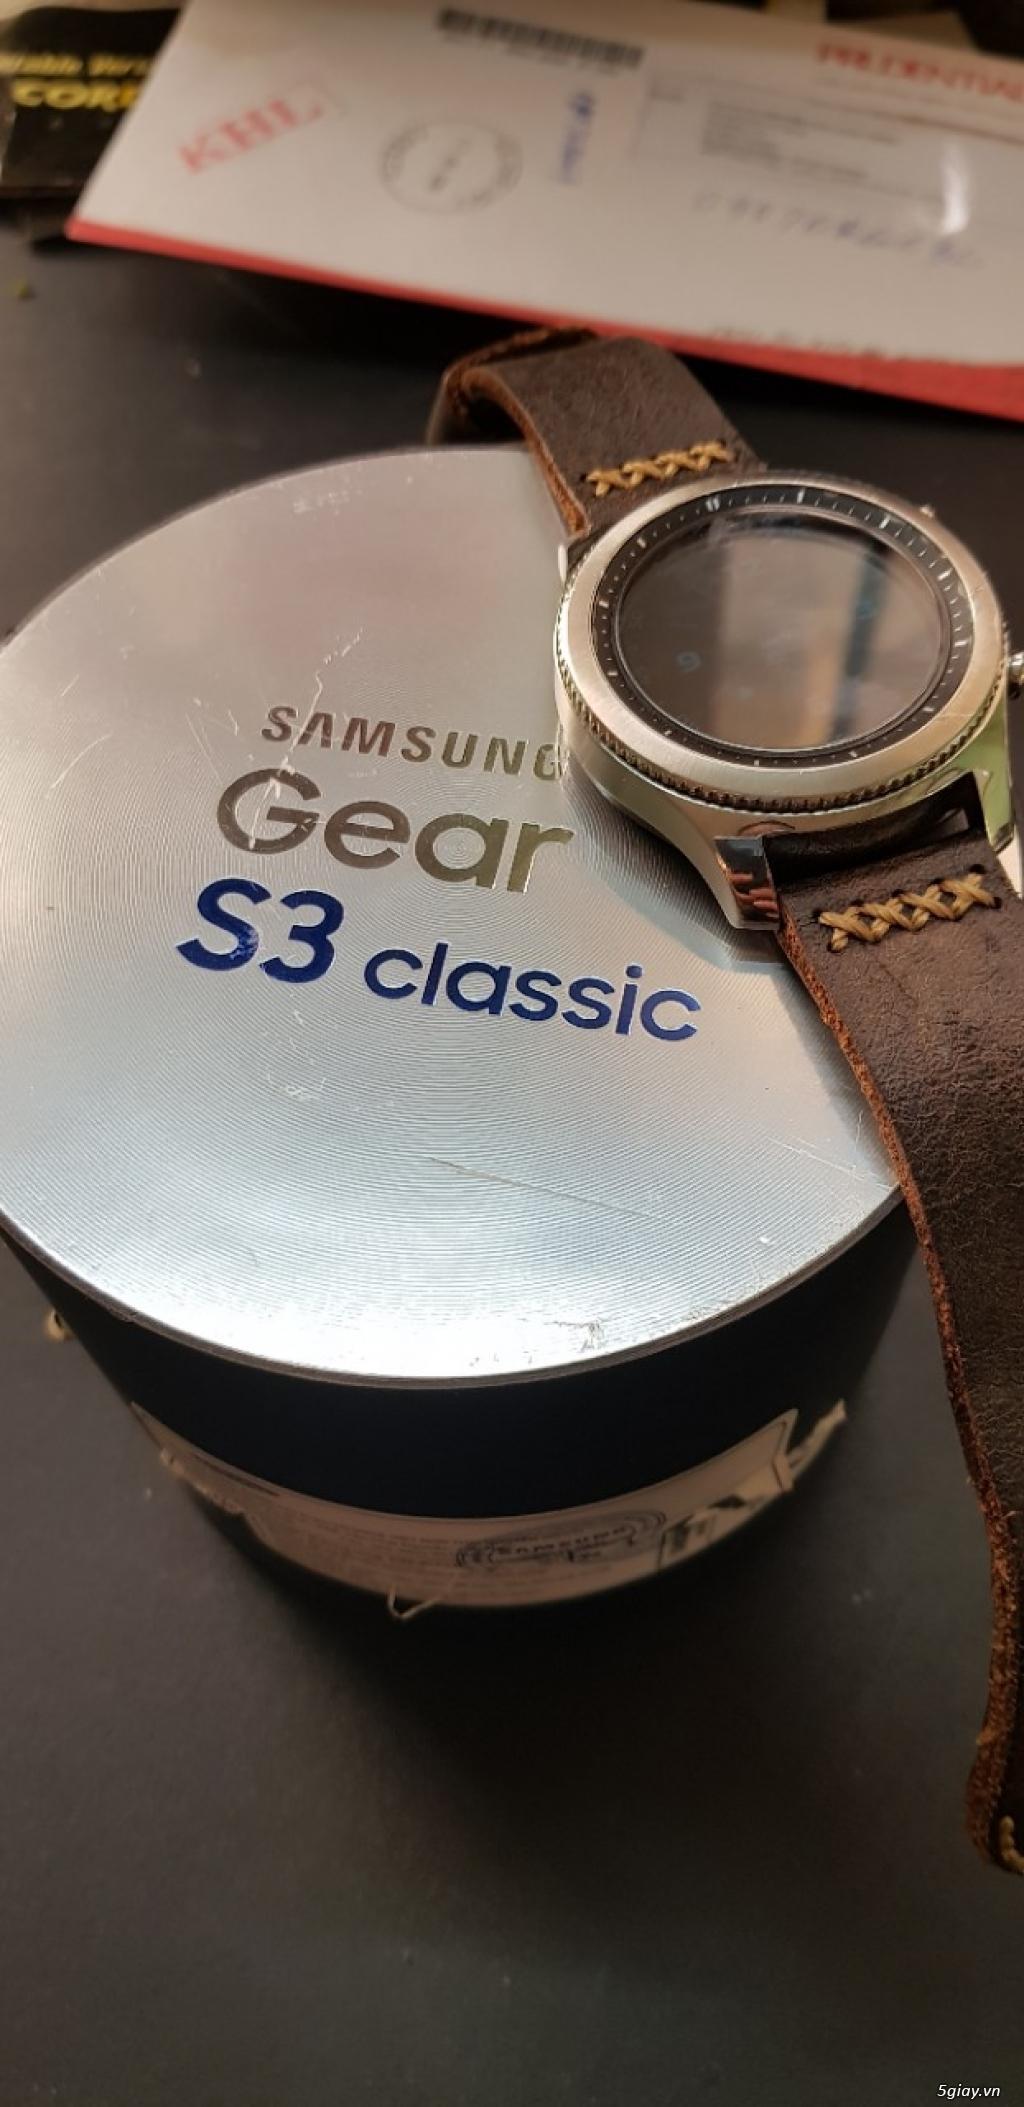 Cần ra đi samsung gear s3 classic - 1